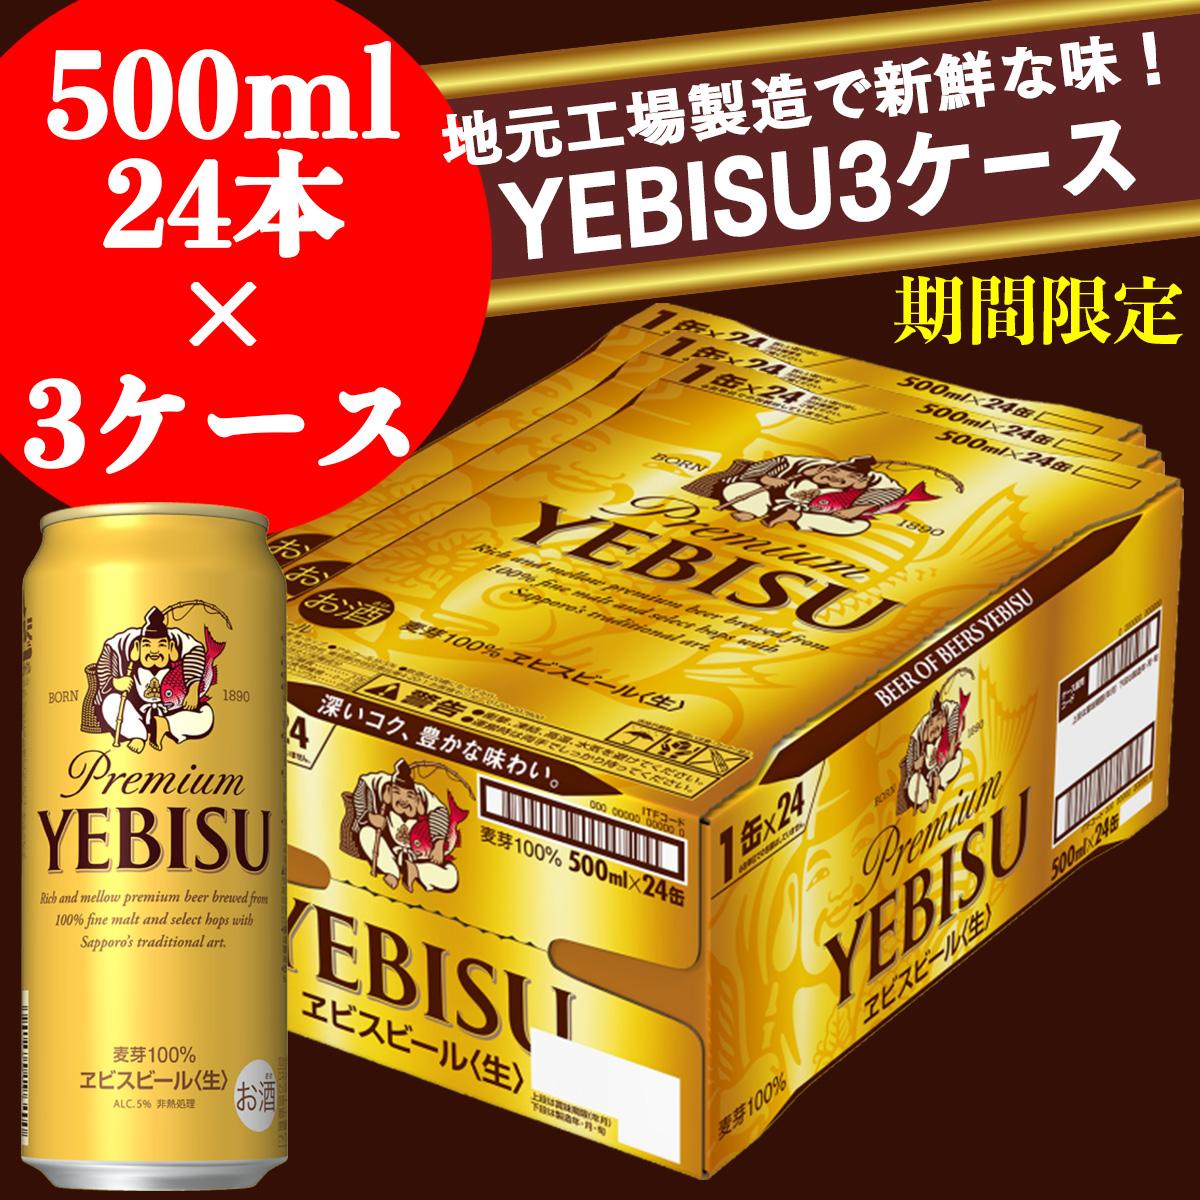 【ふるさと納税】地元名取生産 ヱビスビール 500ml 24本×3ケース